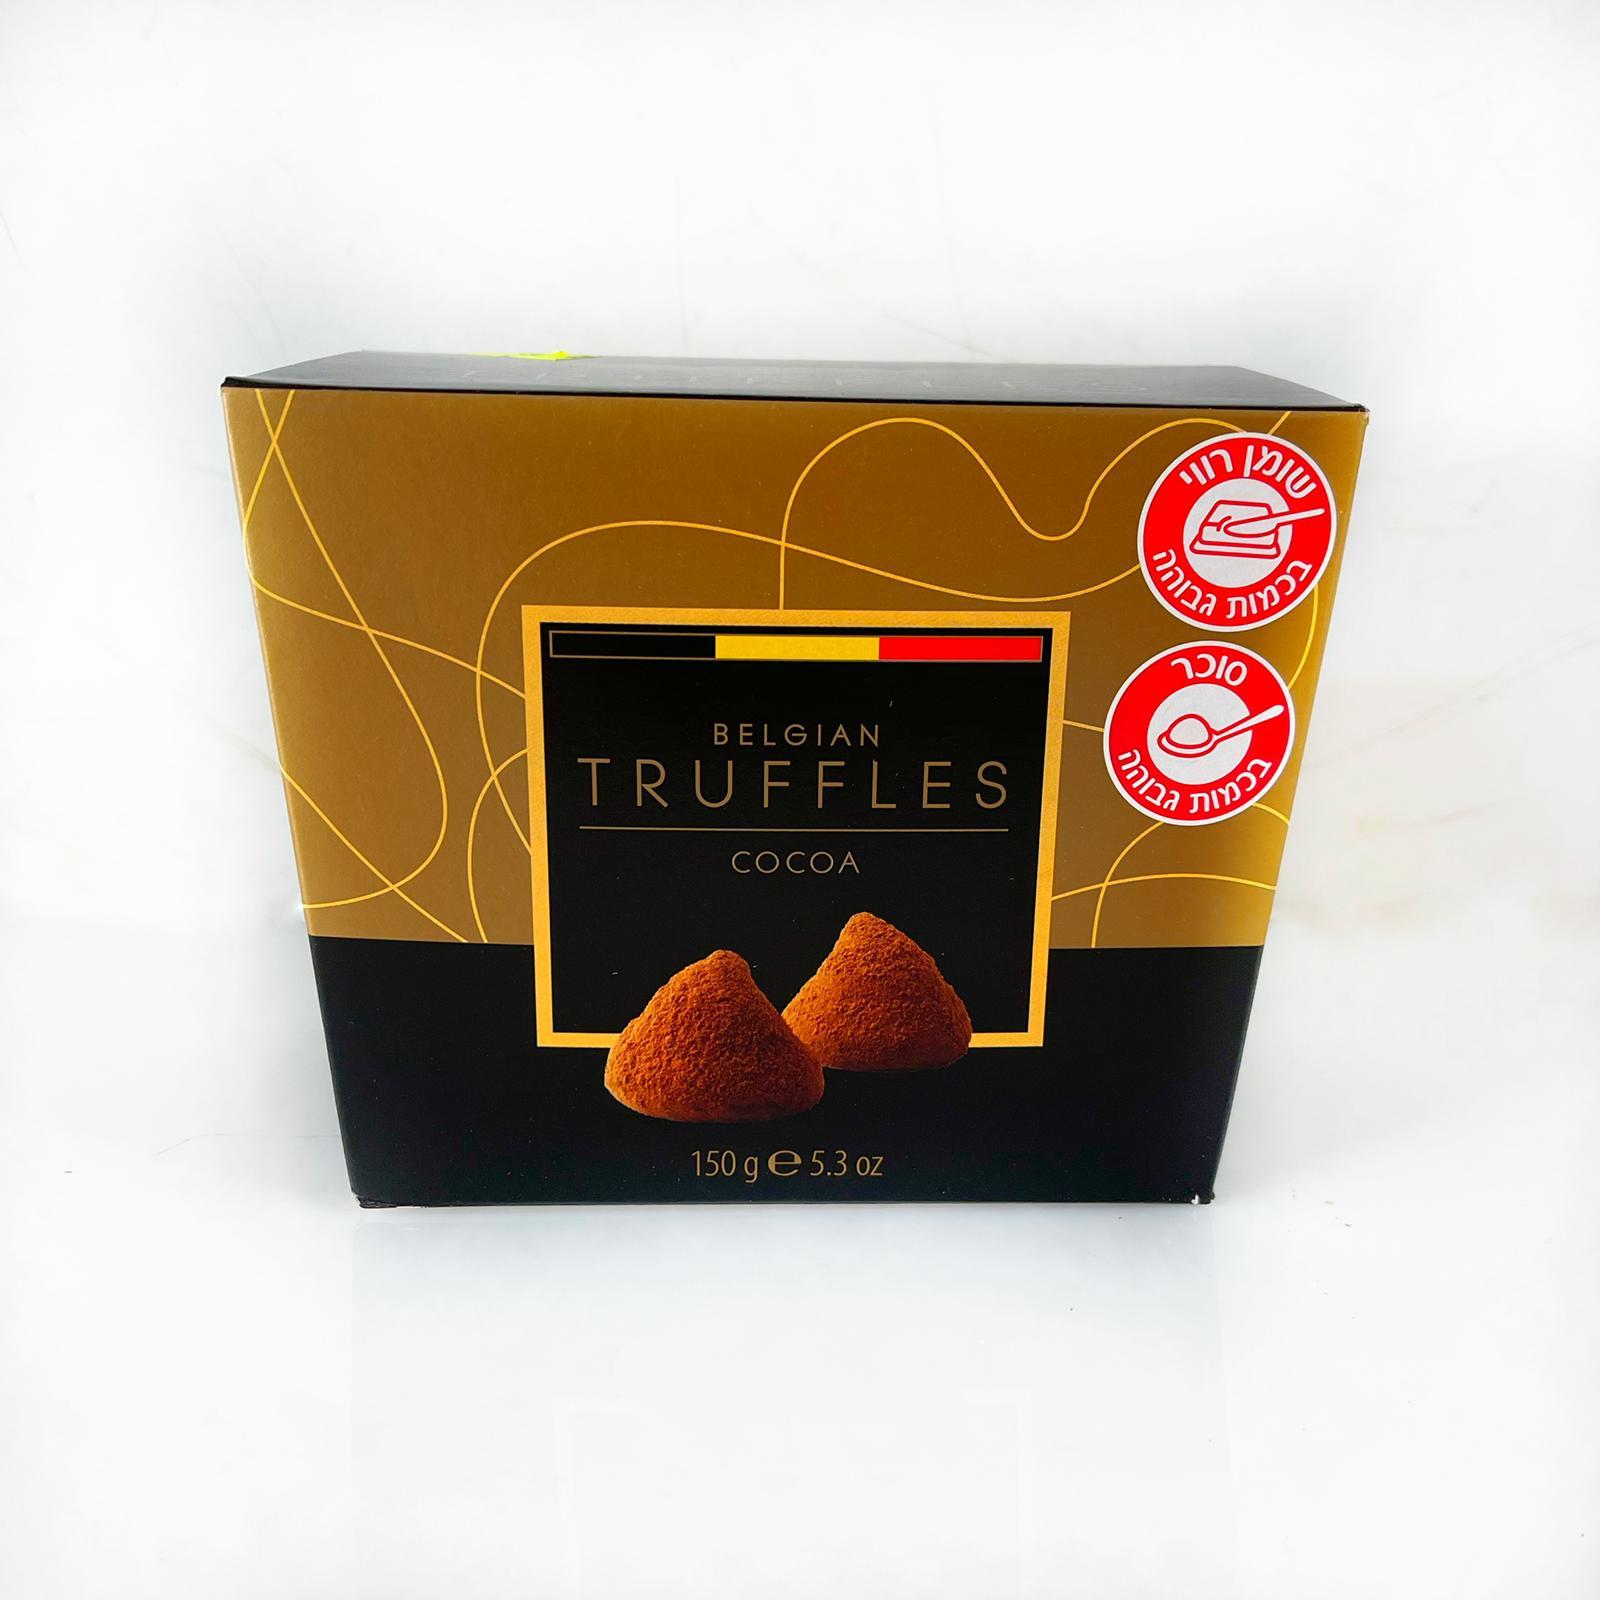 טראפלס שוקולד 150 גרם